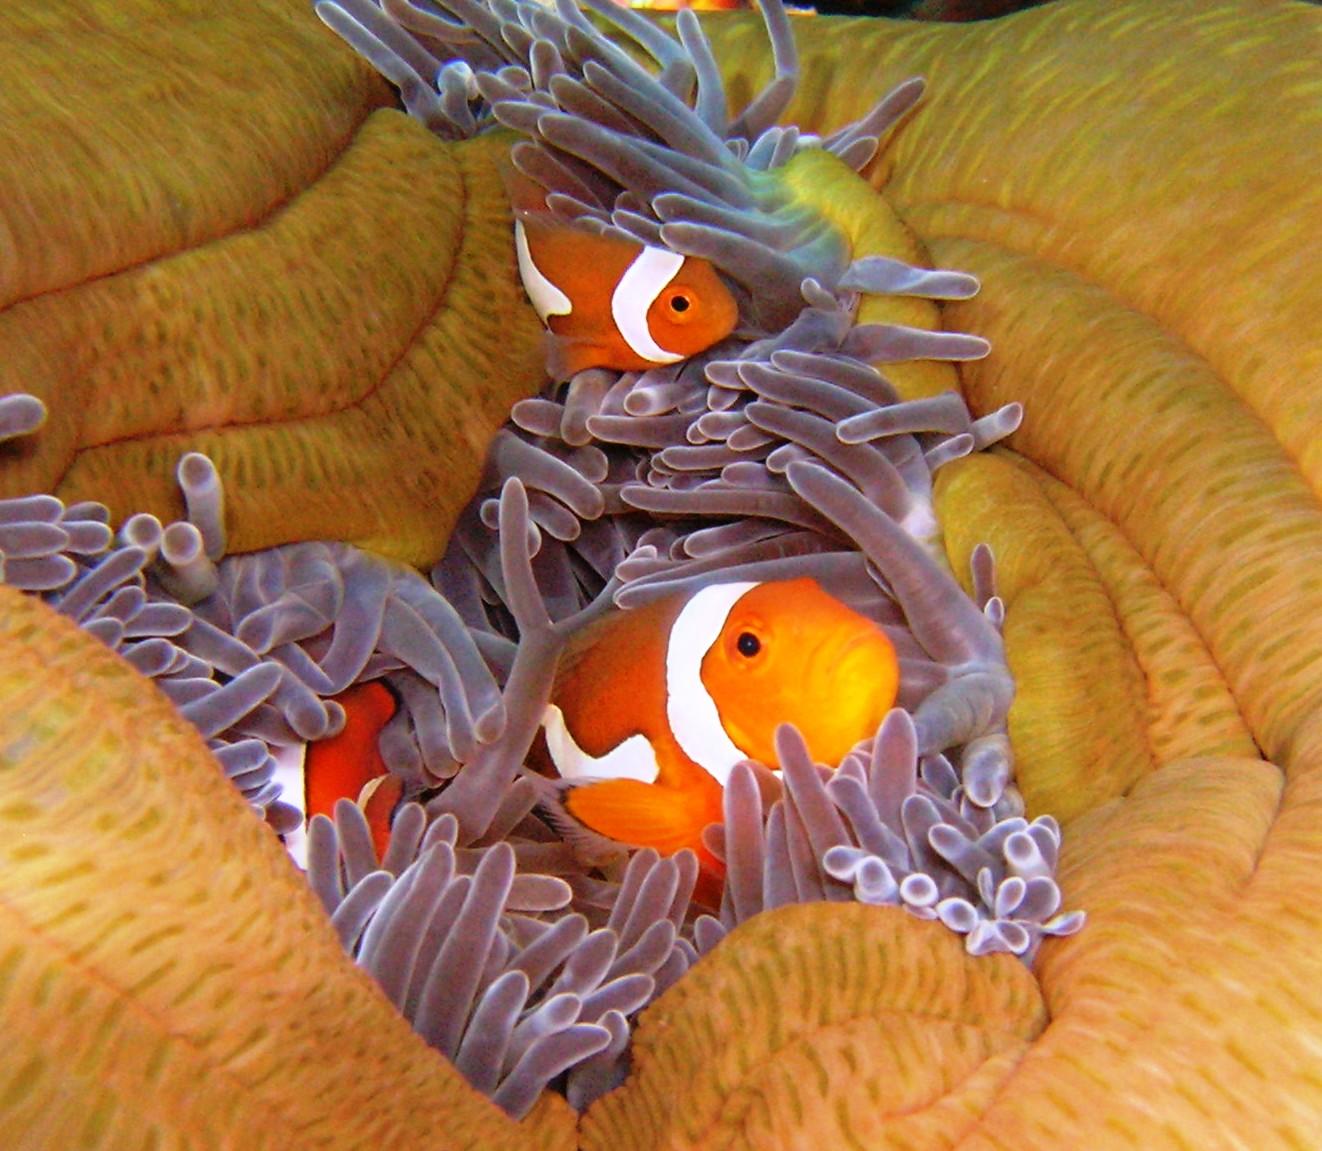 anemone-fish-1